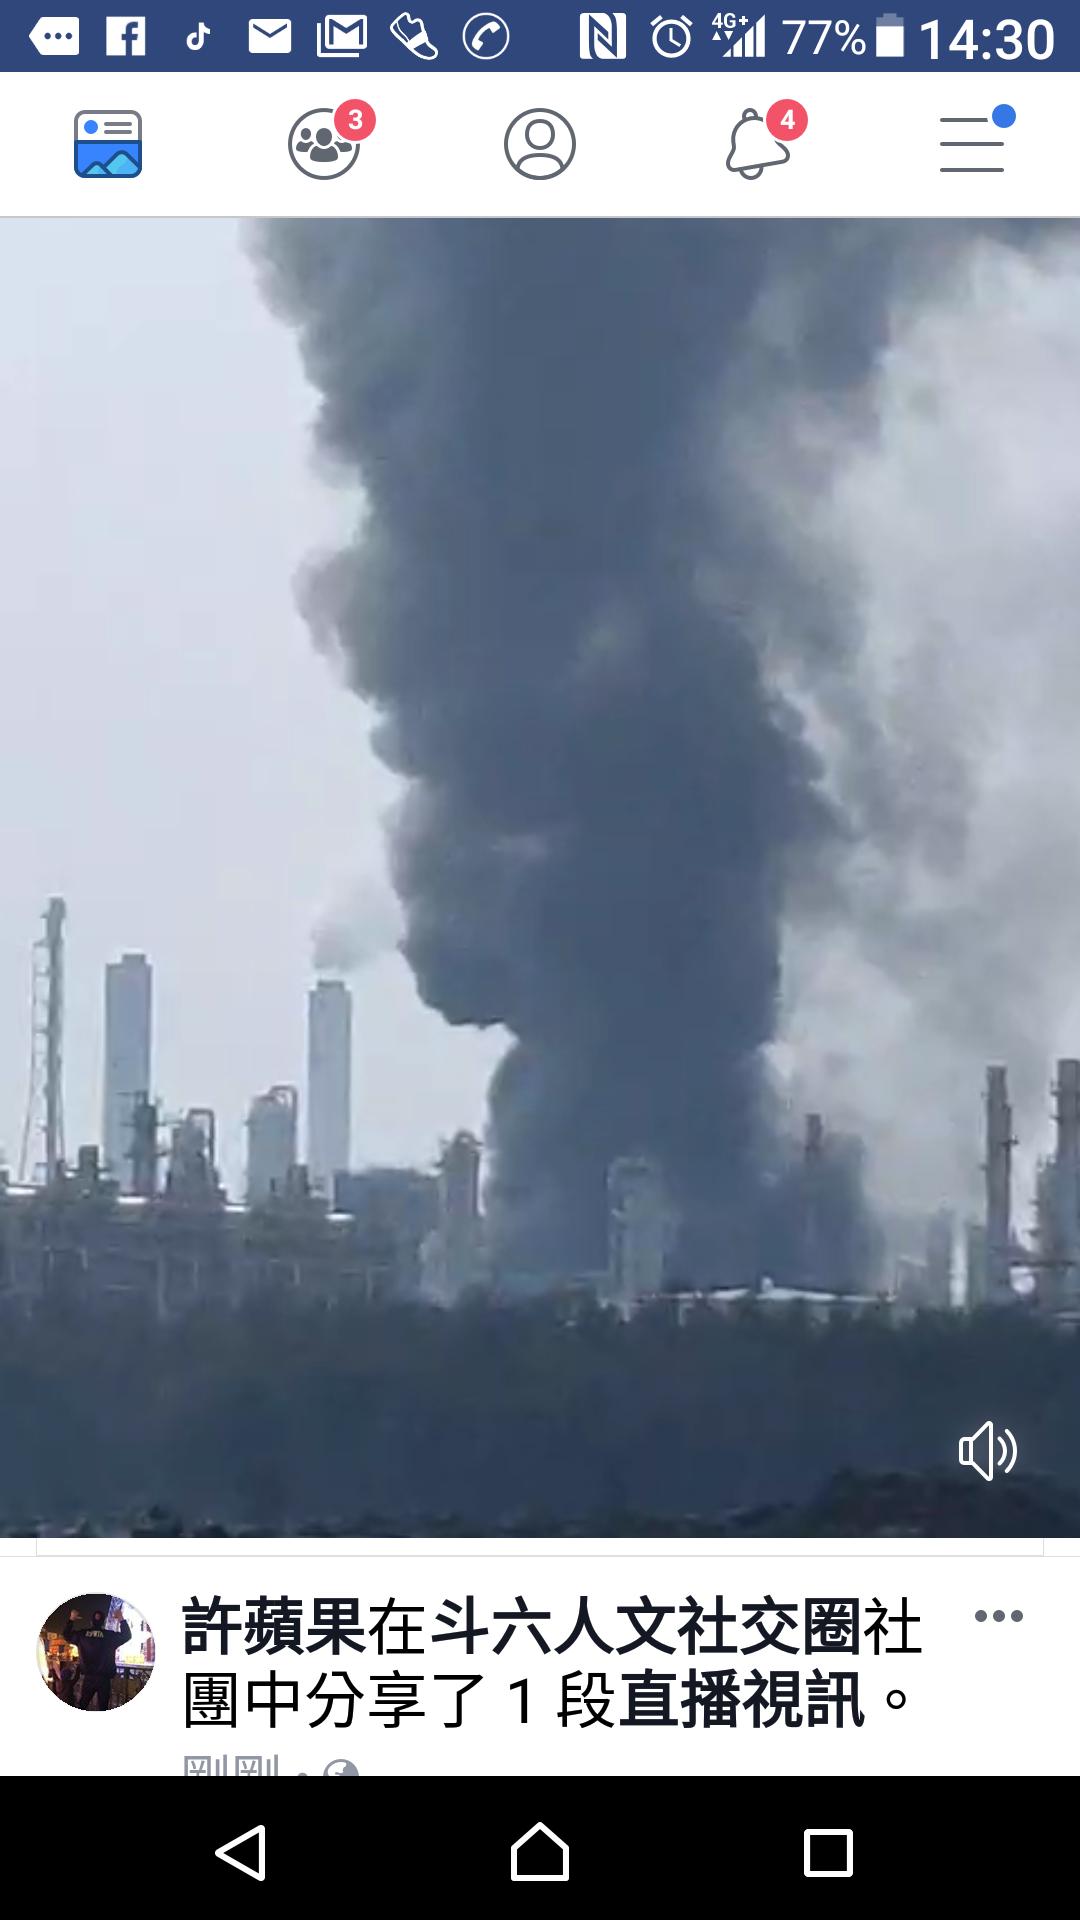 爆炸現場濃煙高竄。記者蔡維斌/翻攝